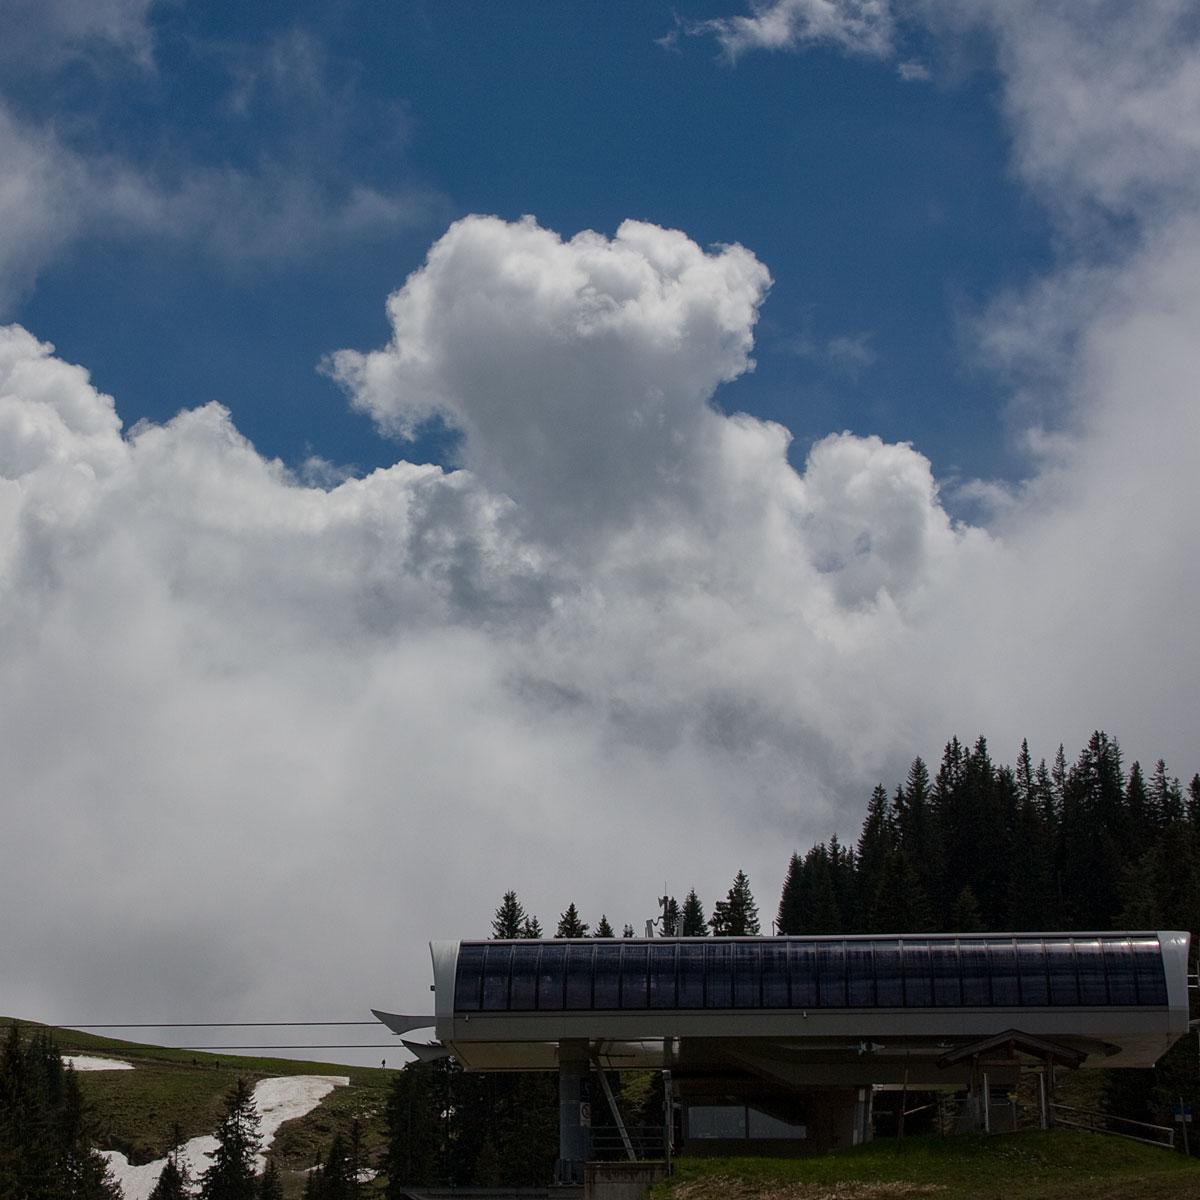 Wolkenbildung im Gewitter